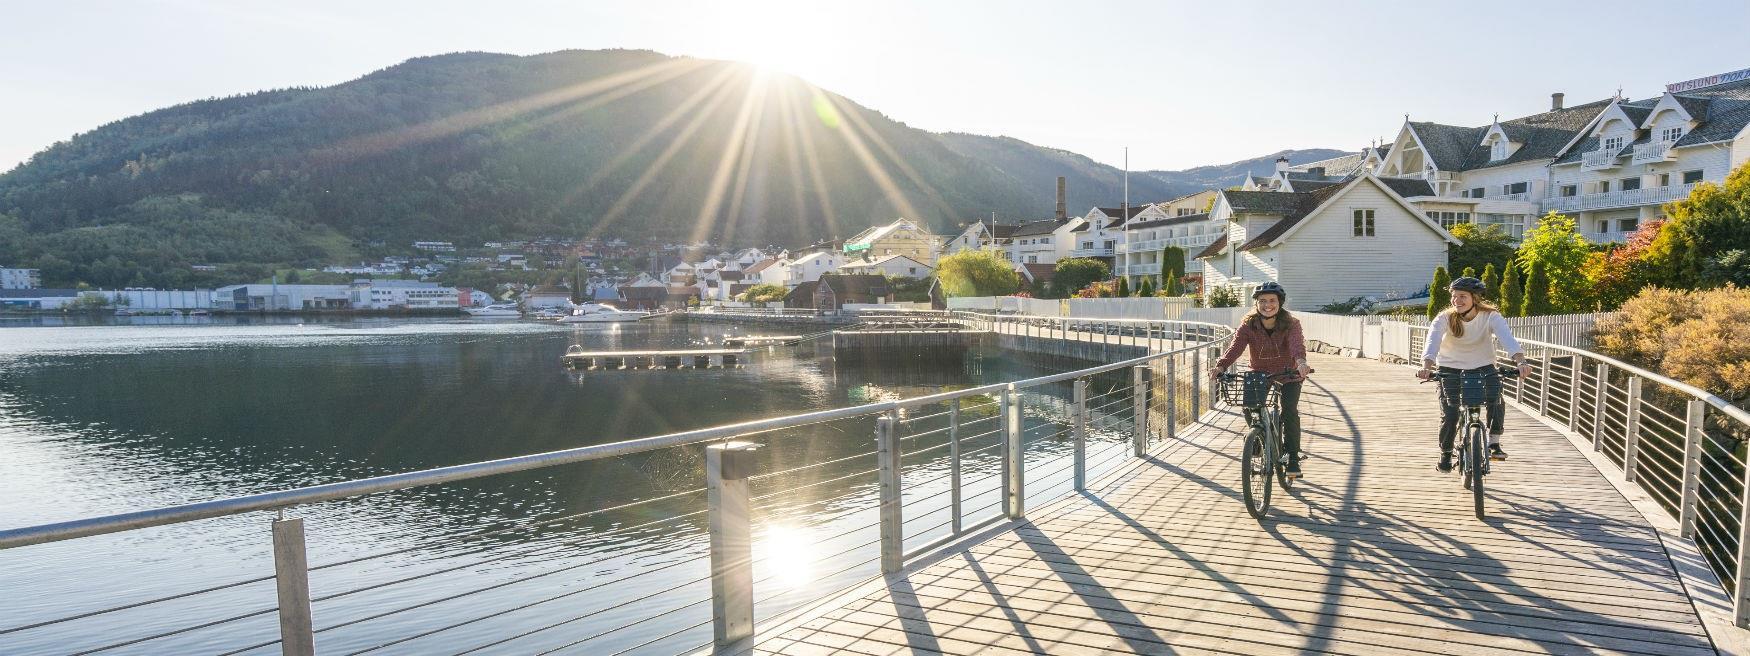 Sogndal © VERI Media